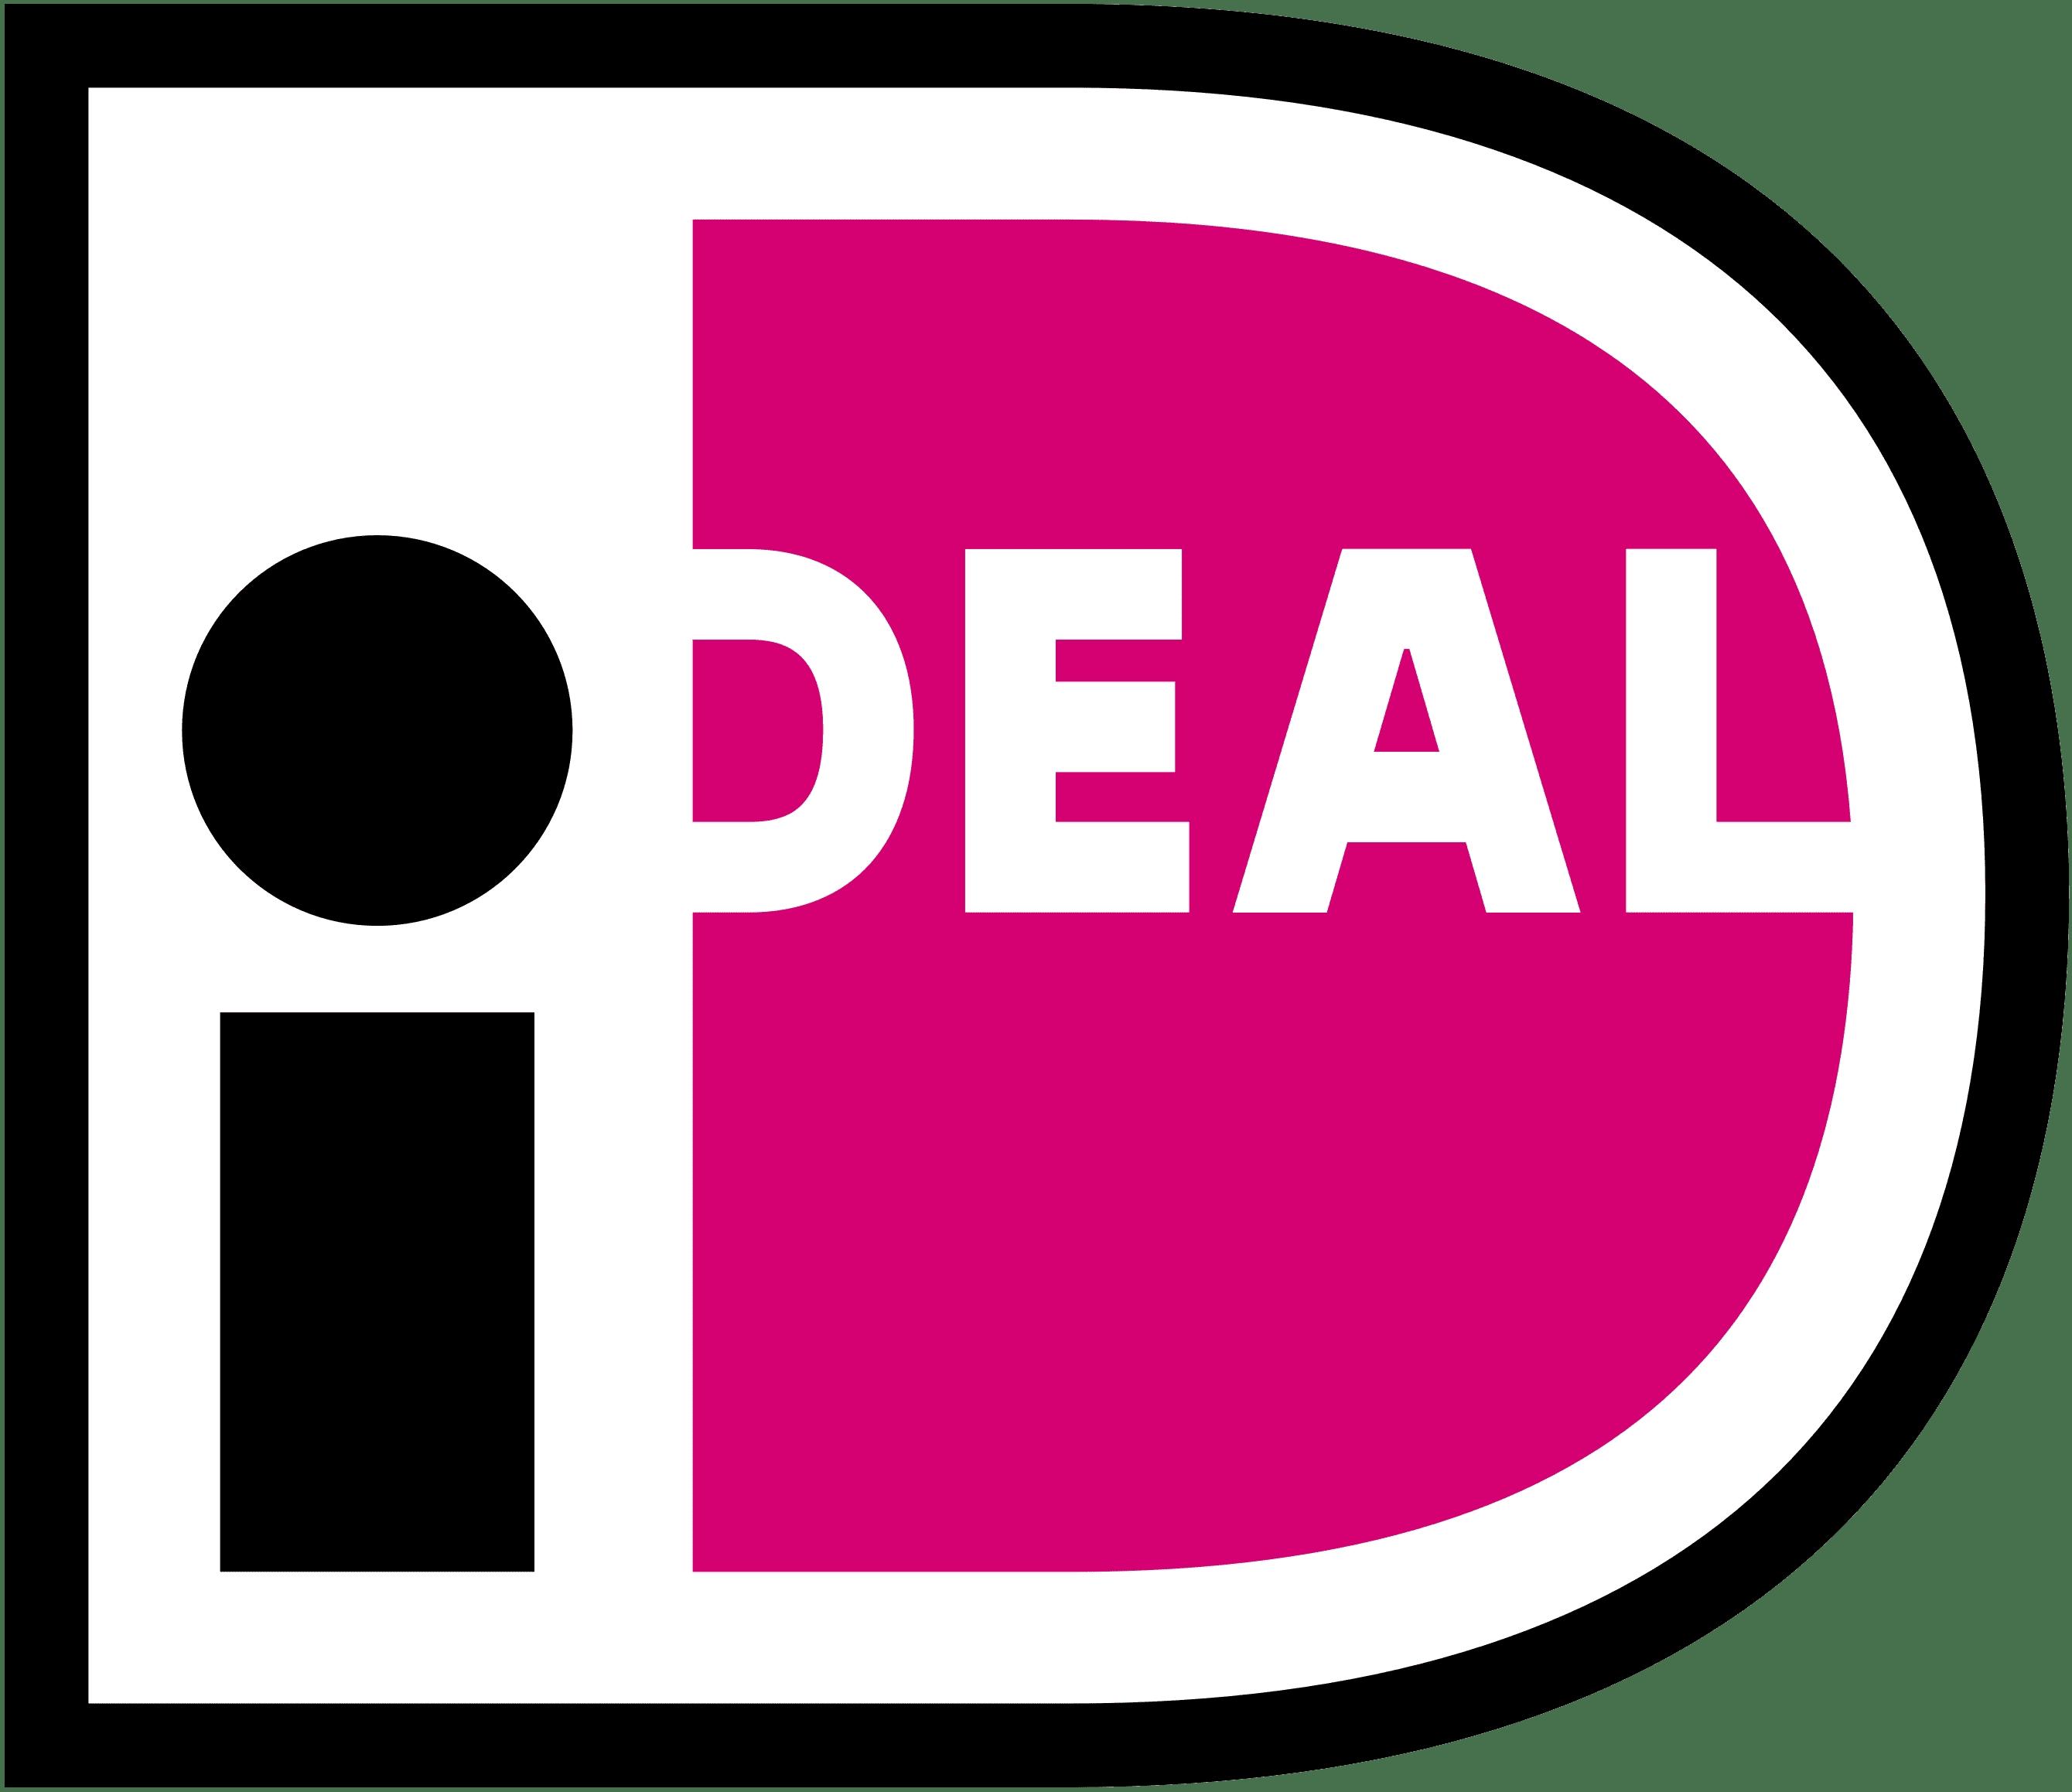 Wij accepteren iDeal